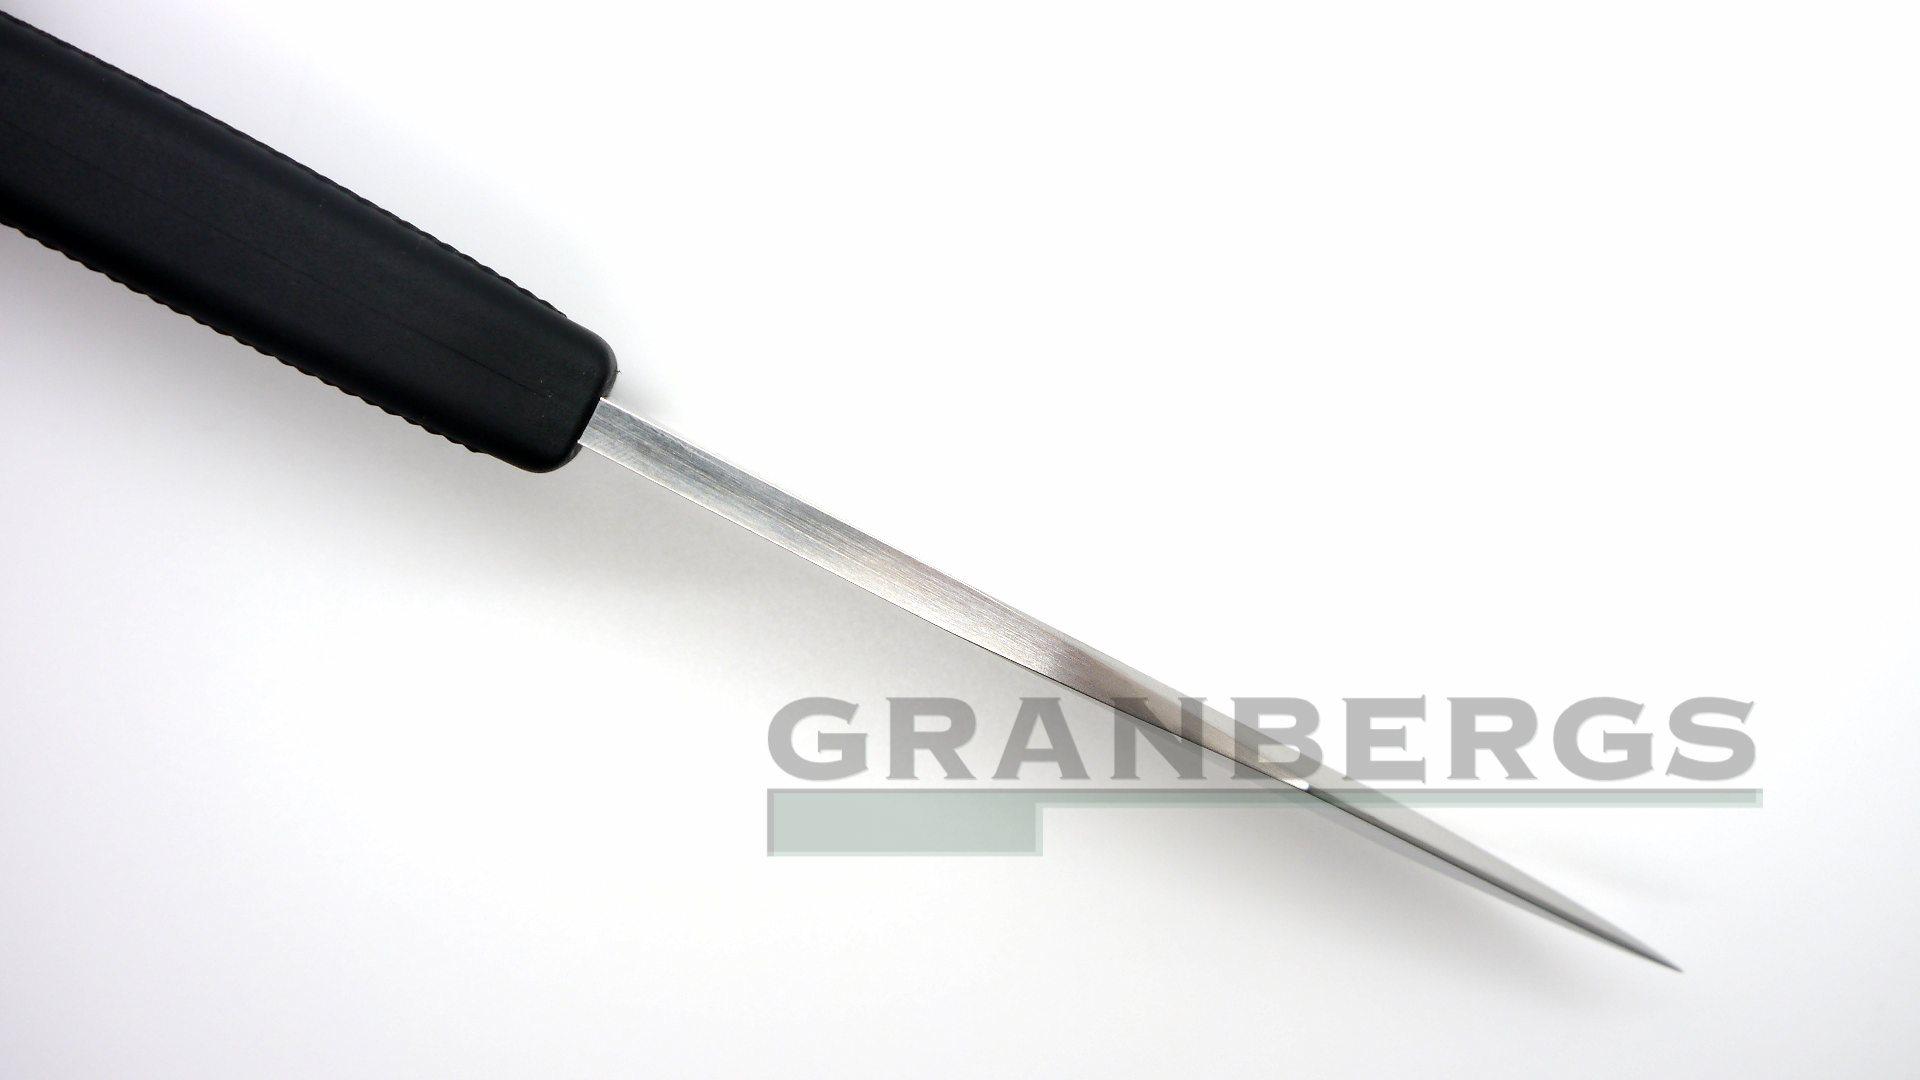 P1070869Fallkniven-S1z-Knife-1920p-Watermark.jpg